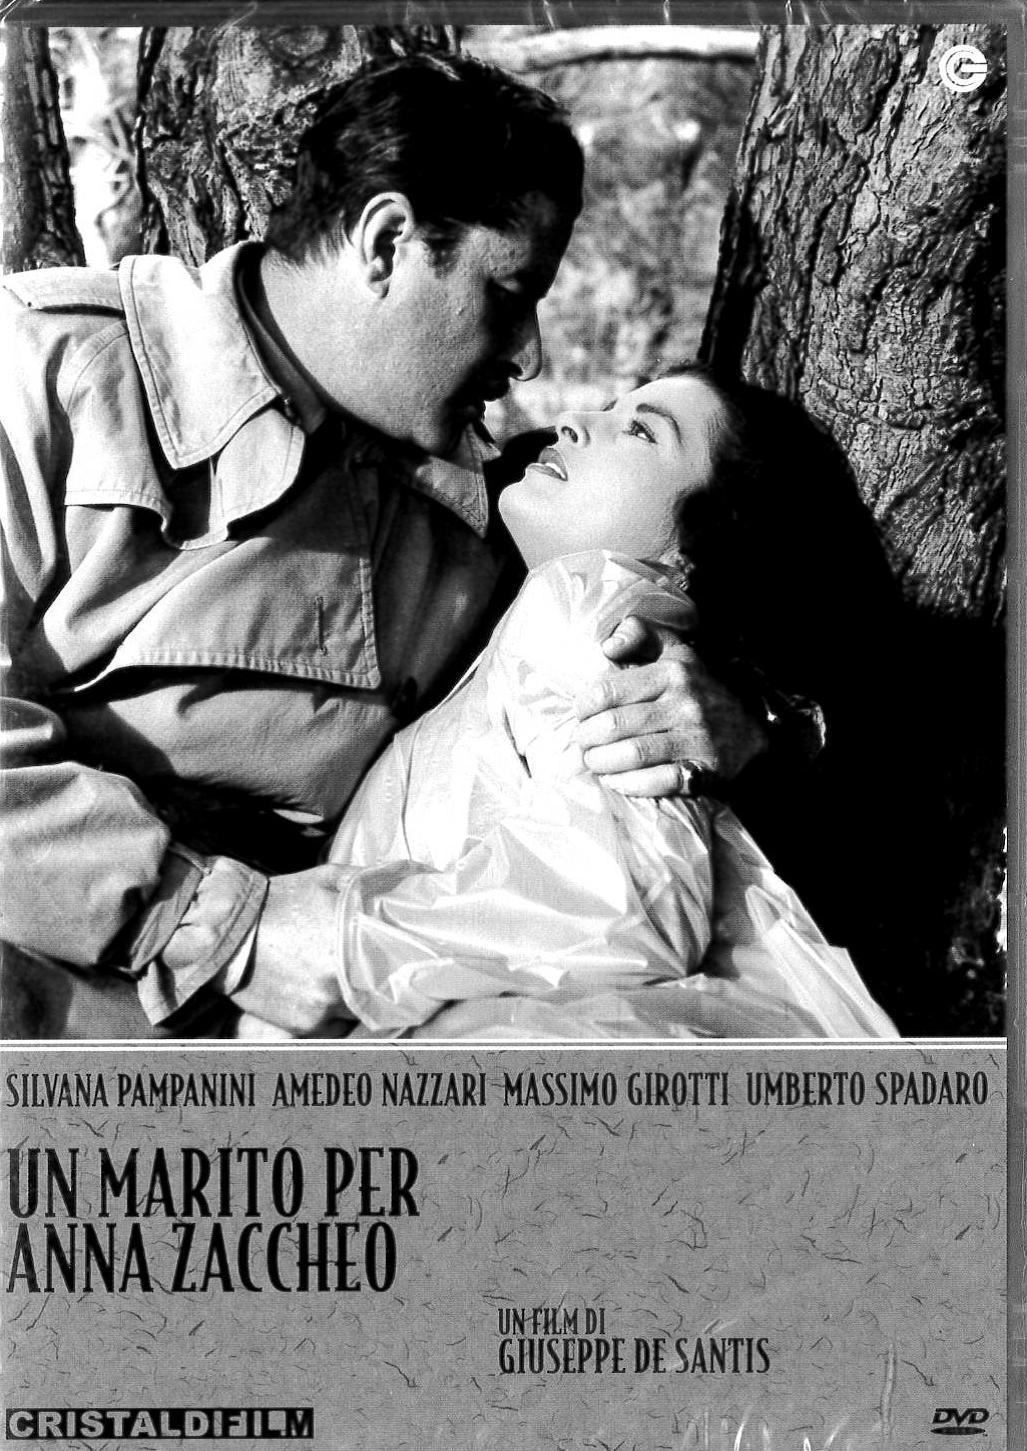 UN MARITO PER ANNA ZACCHEO (DVD)